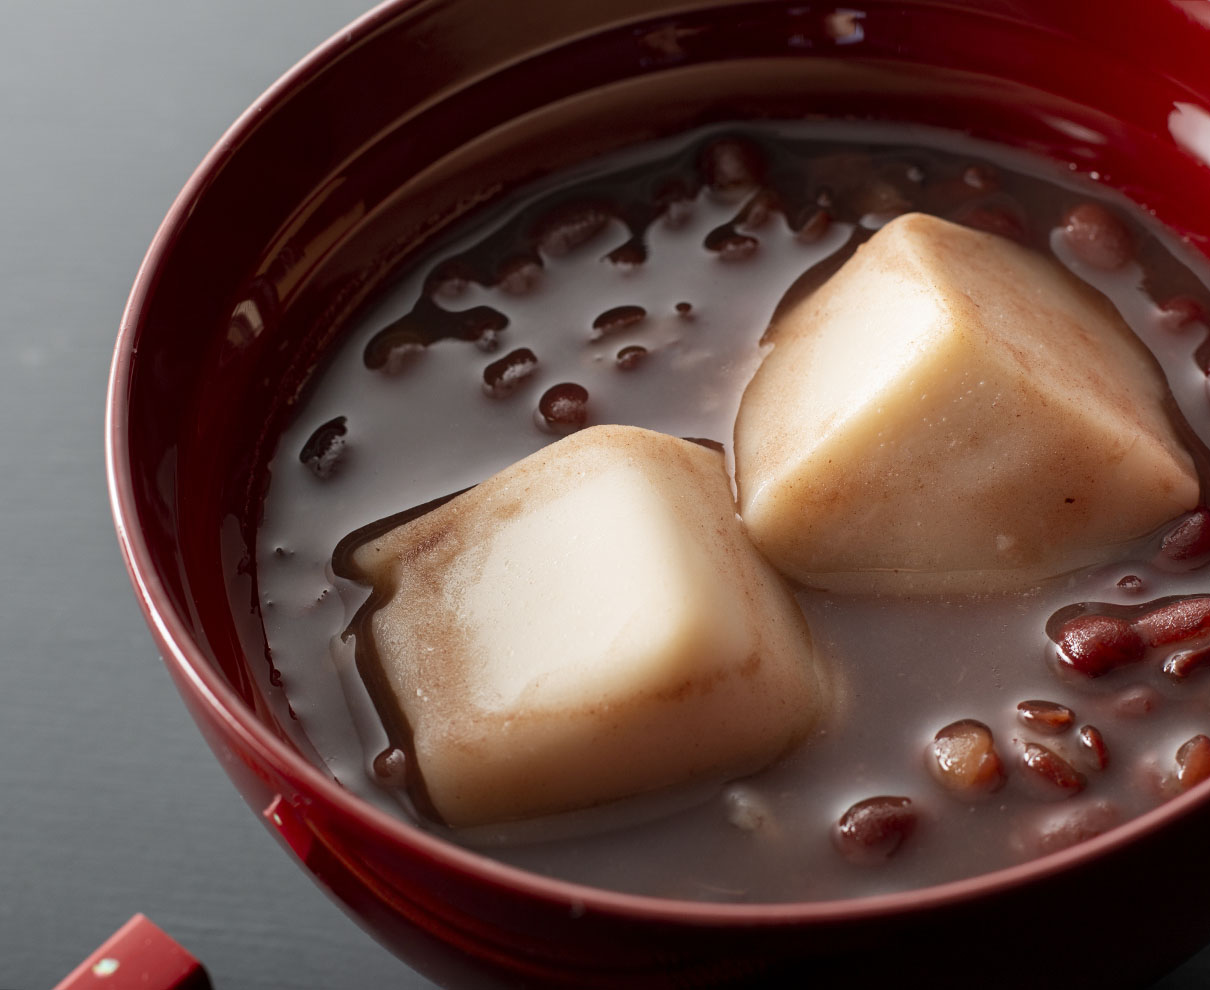 今日のおやつは、永平寺胡麻豆腐の里 團助の胡麻豆腐入りぜんざい♪